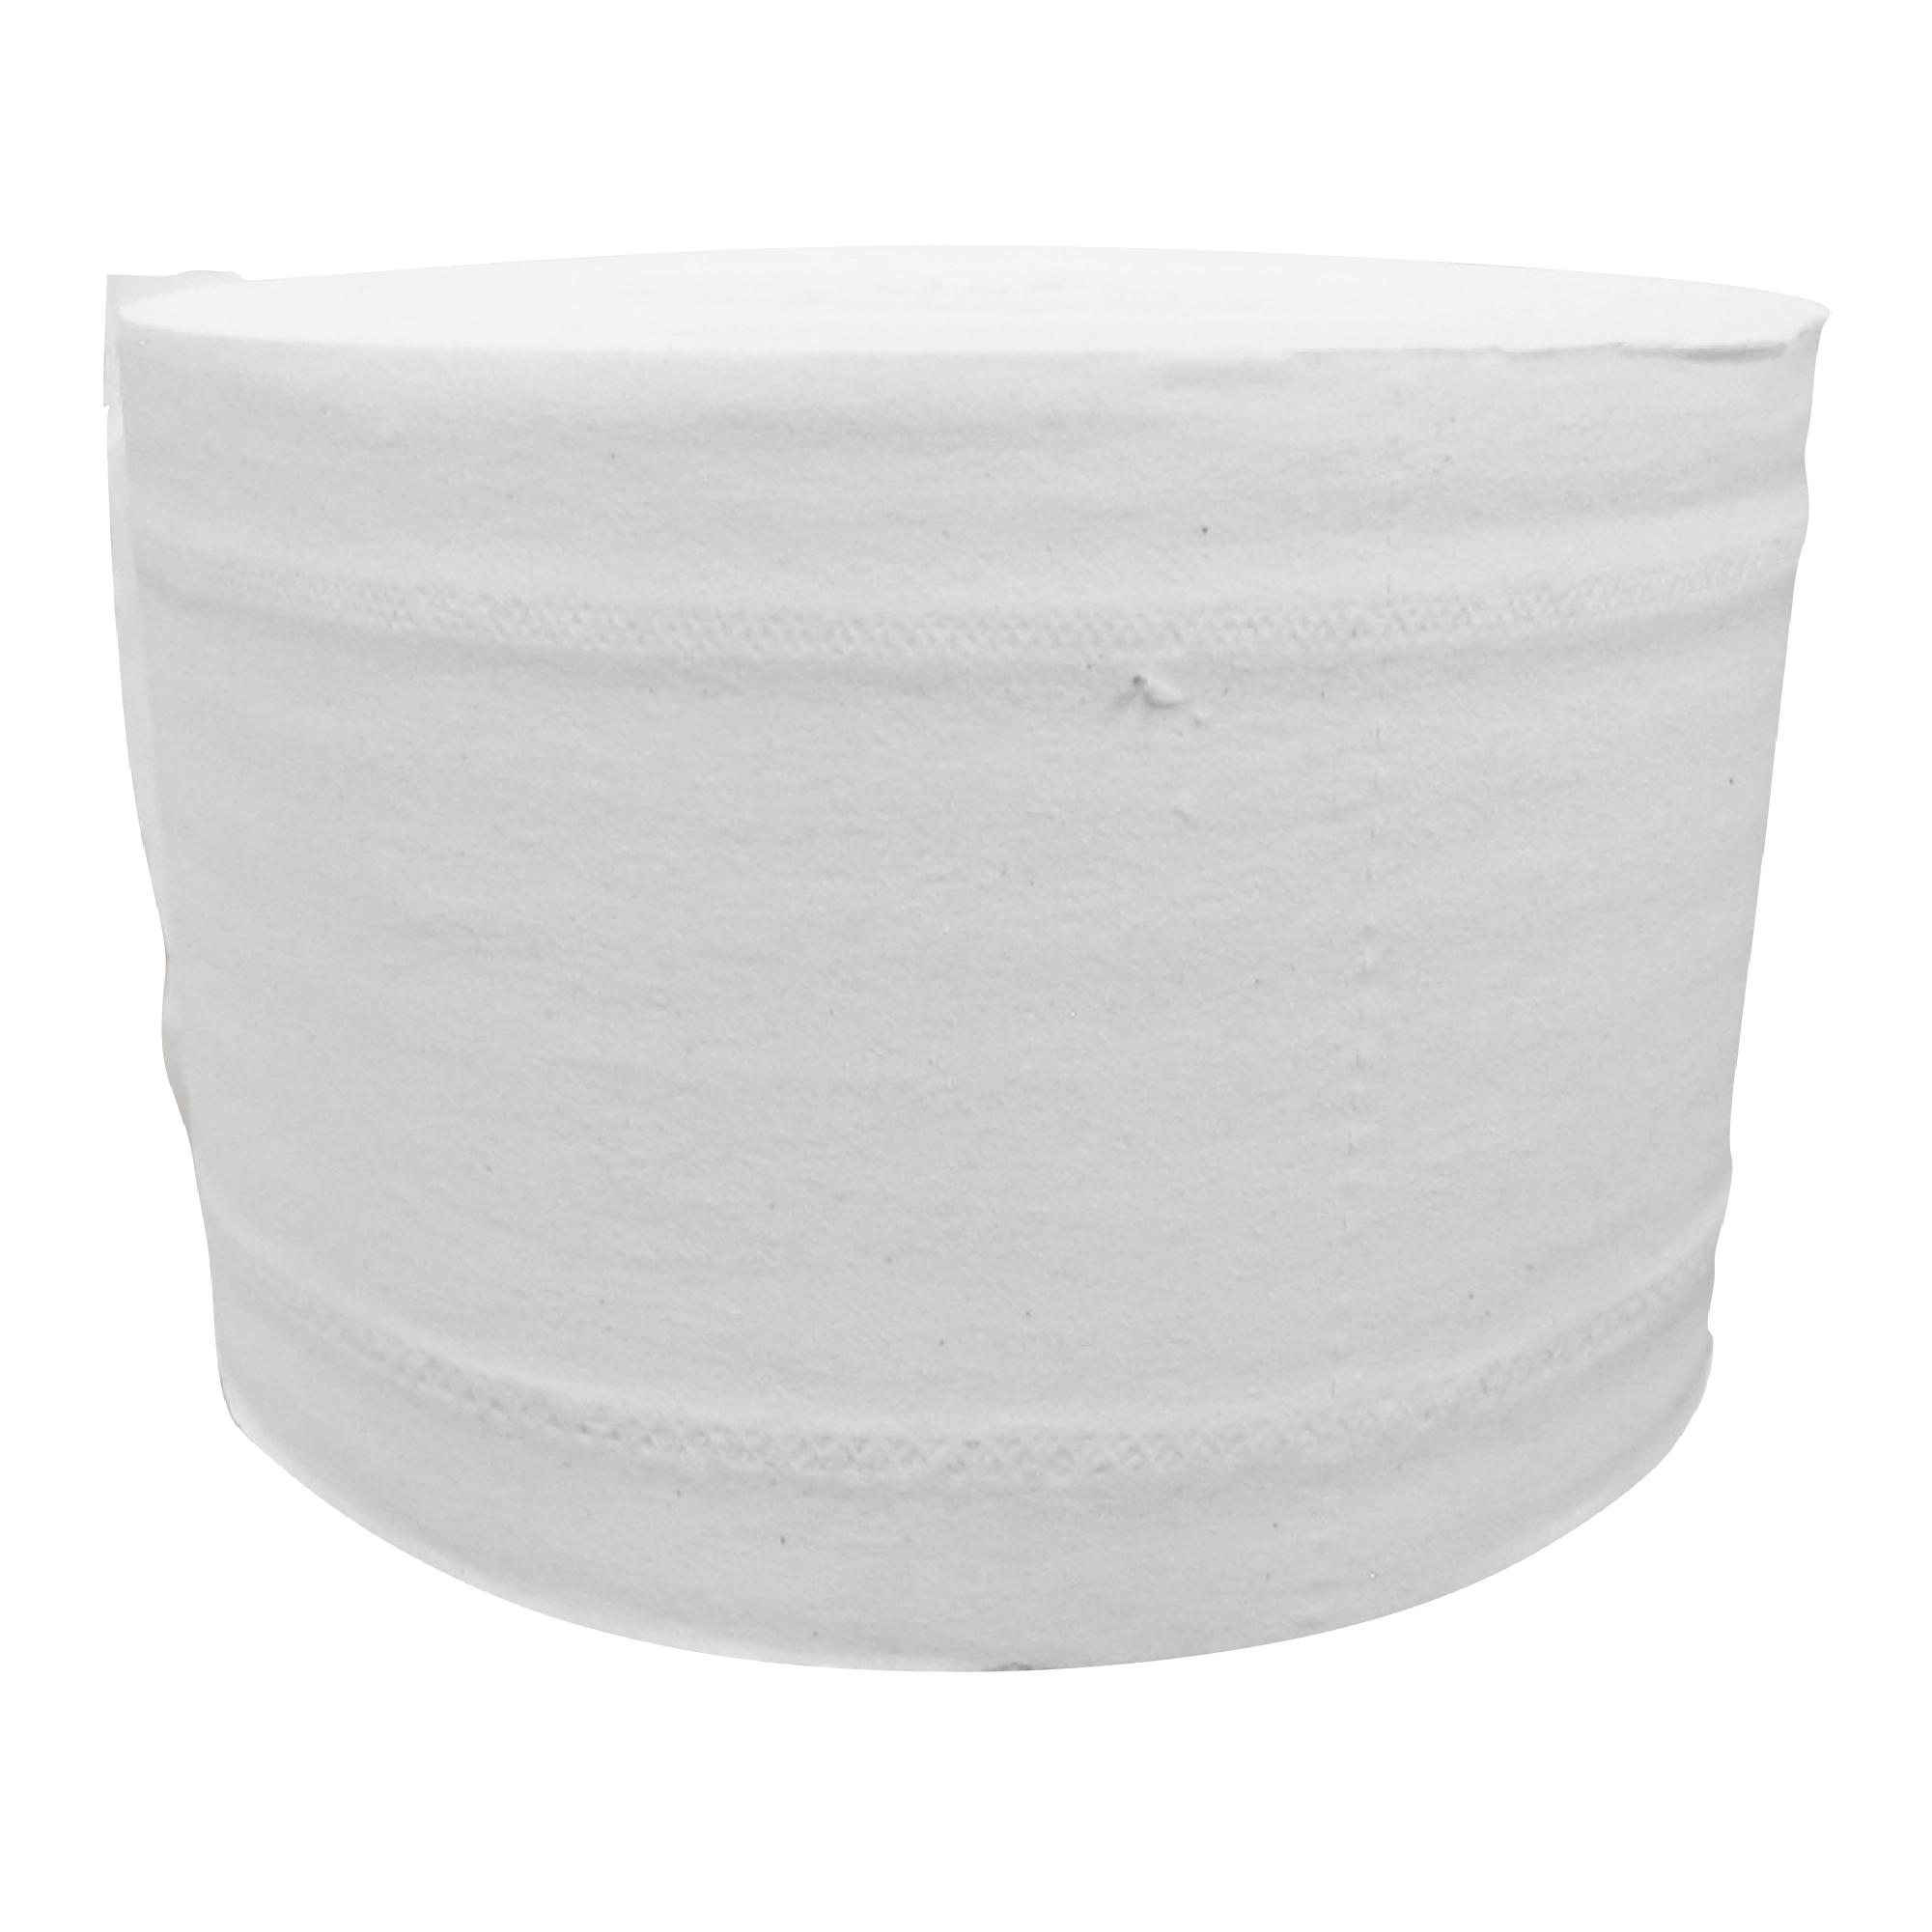 Greymoon 200-10 Higiénico institucional hoja sencilla precortada, caja con 36 rollos de 1000 hojas cada uno 3